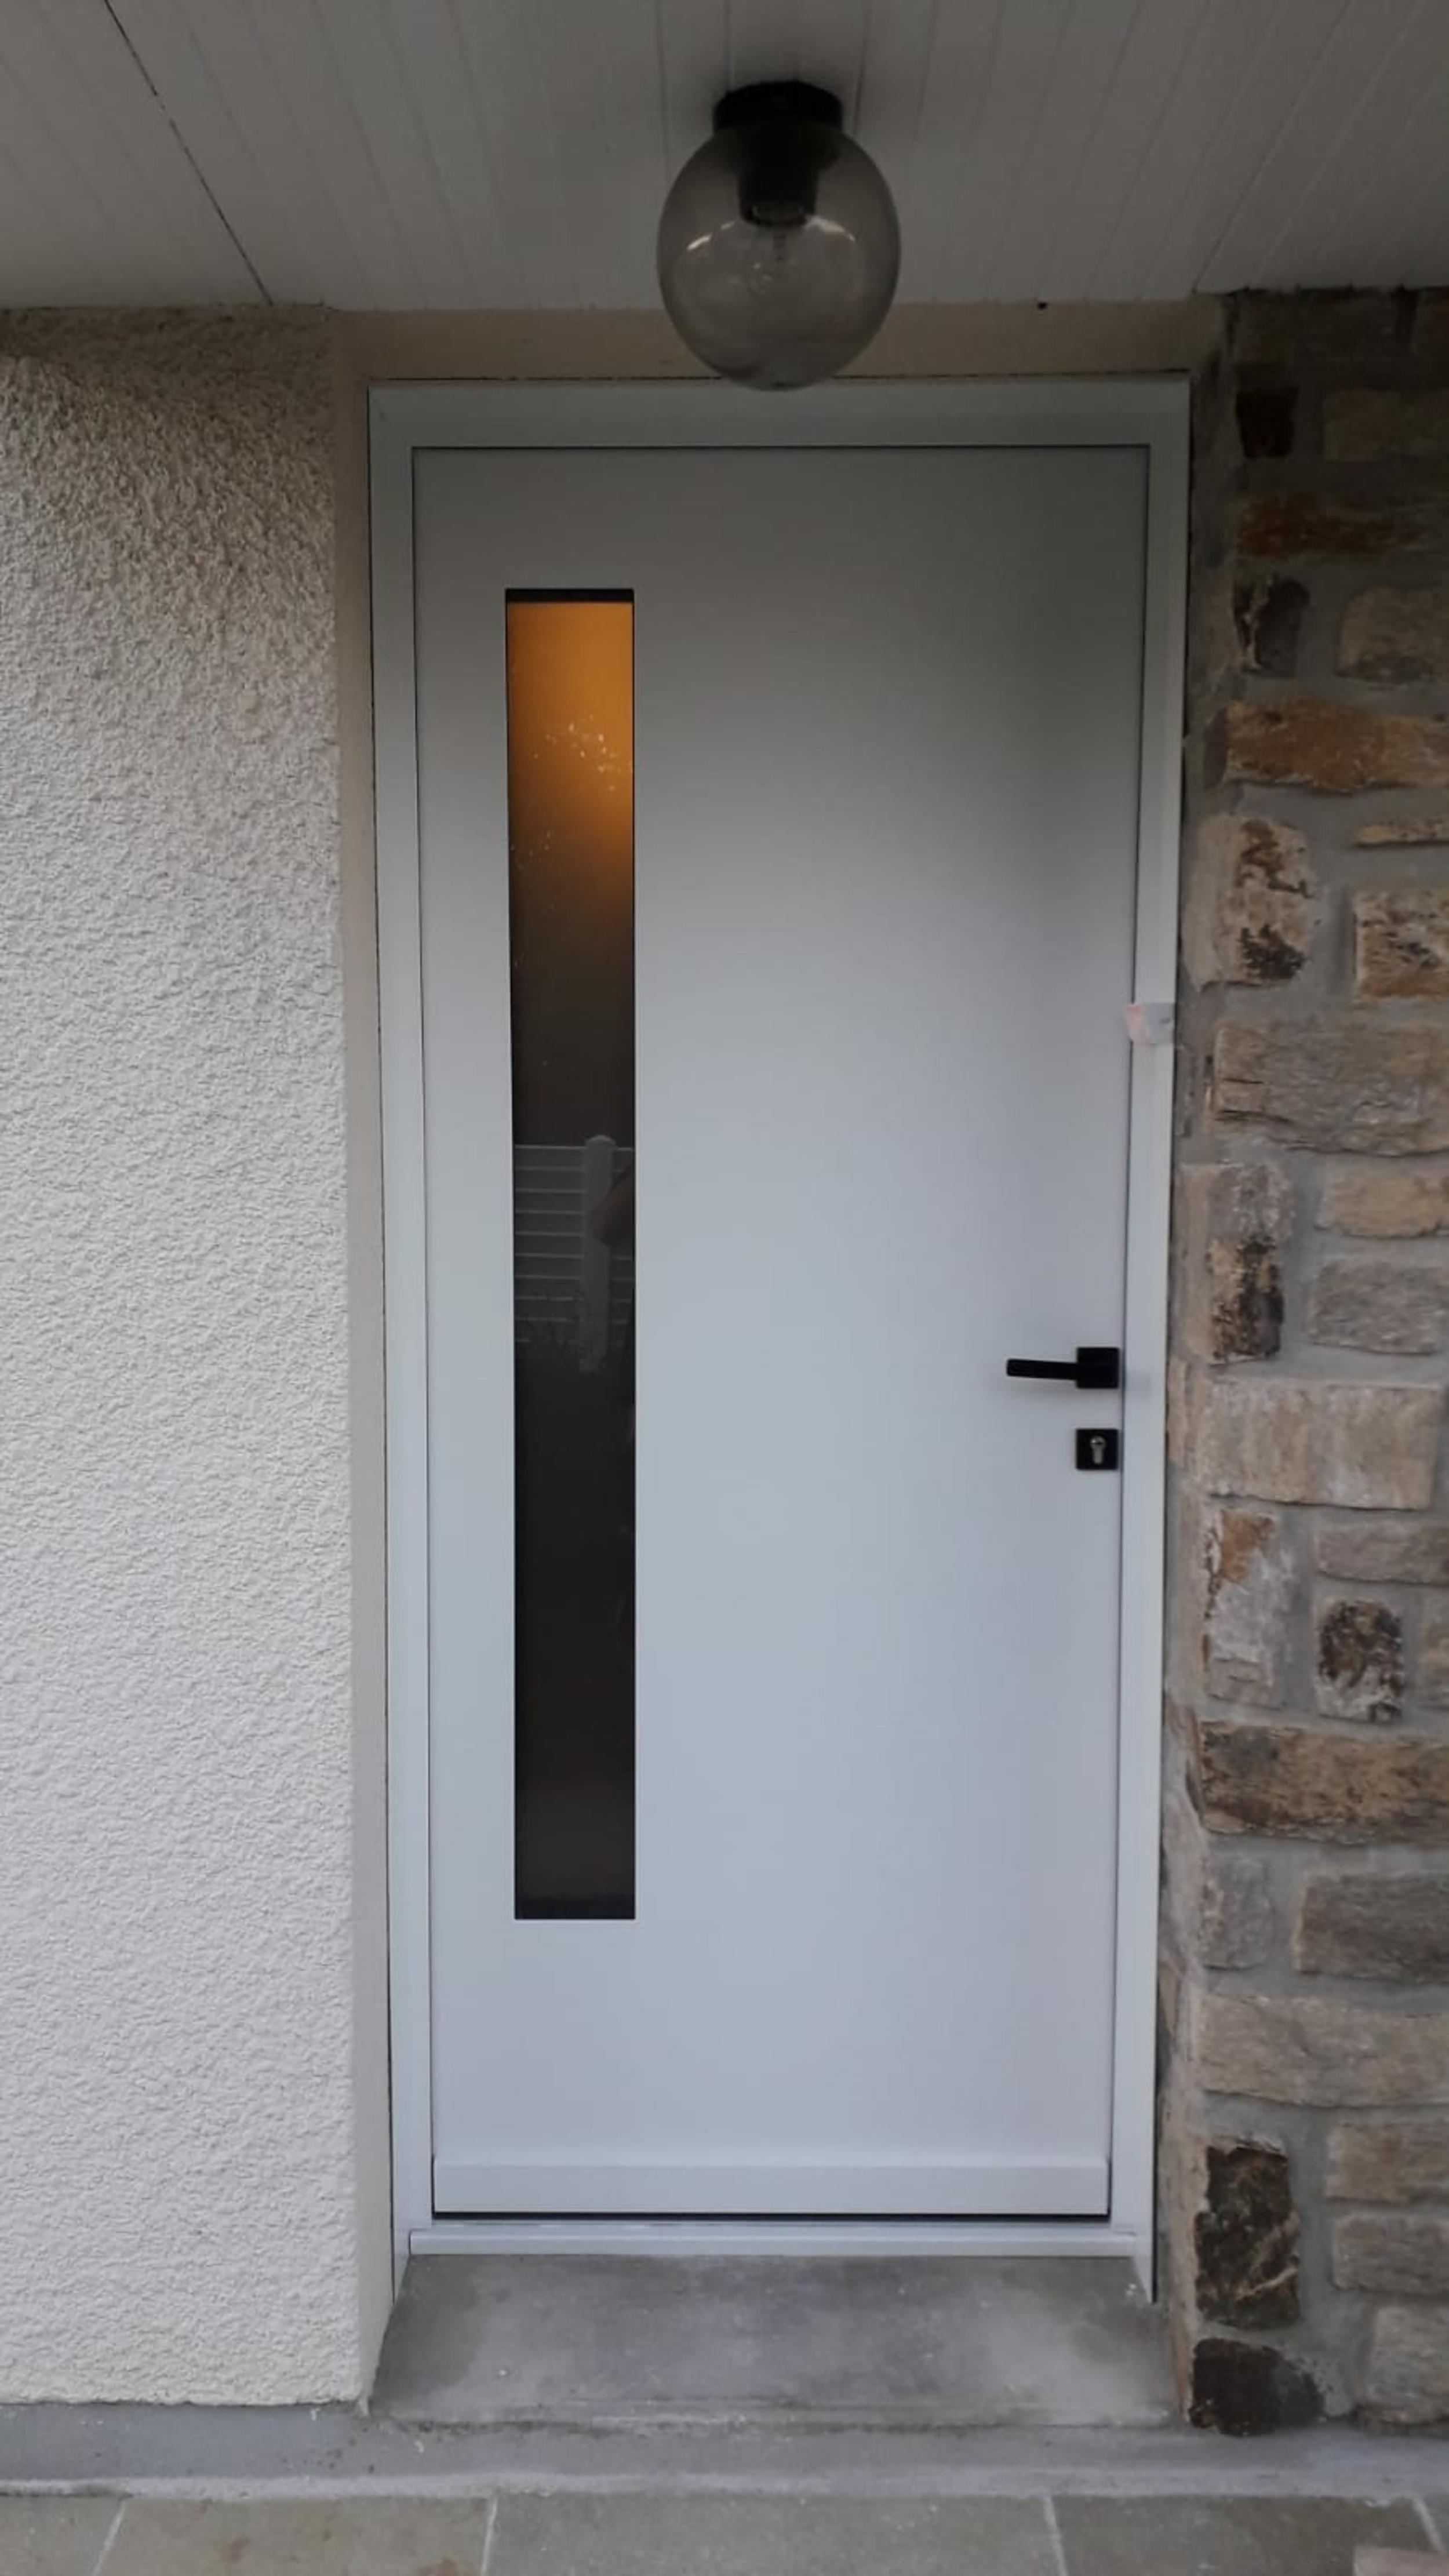 Pose porte entrée alu blanche - Lanester -56